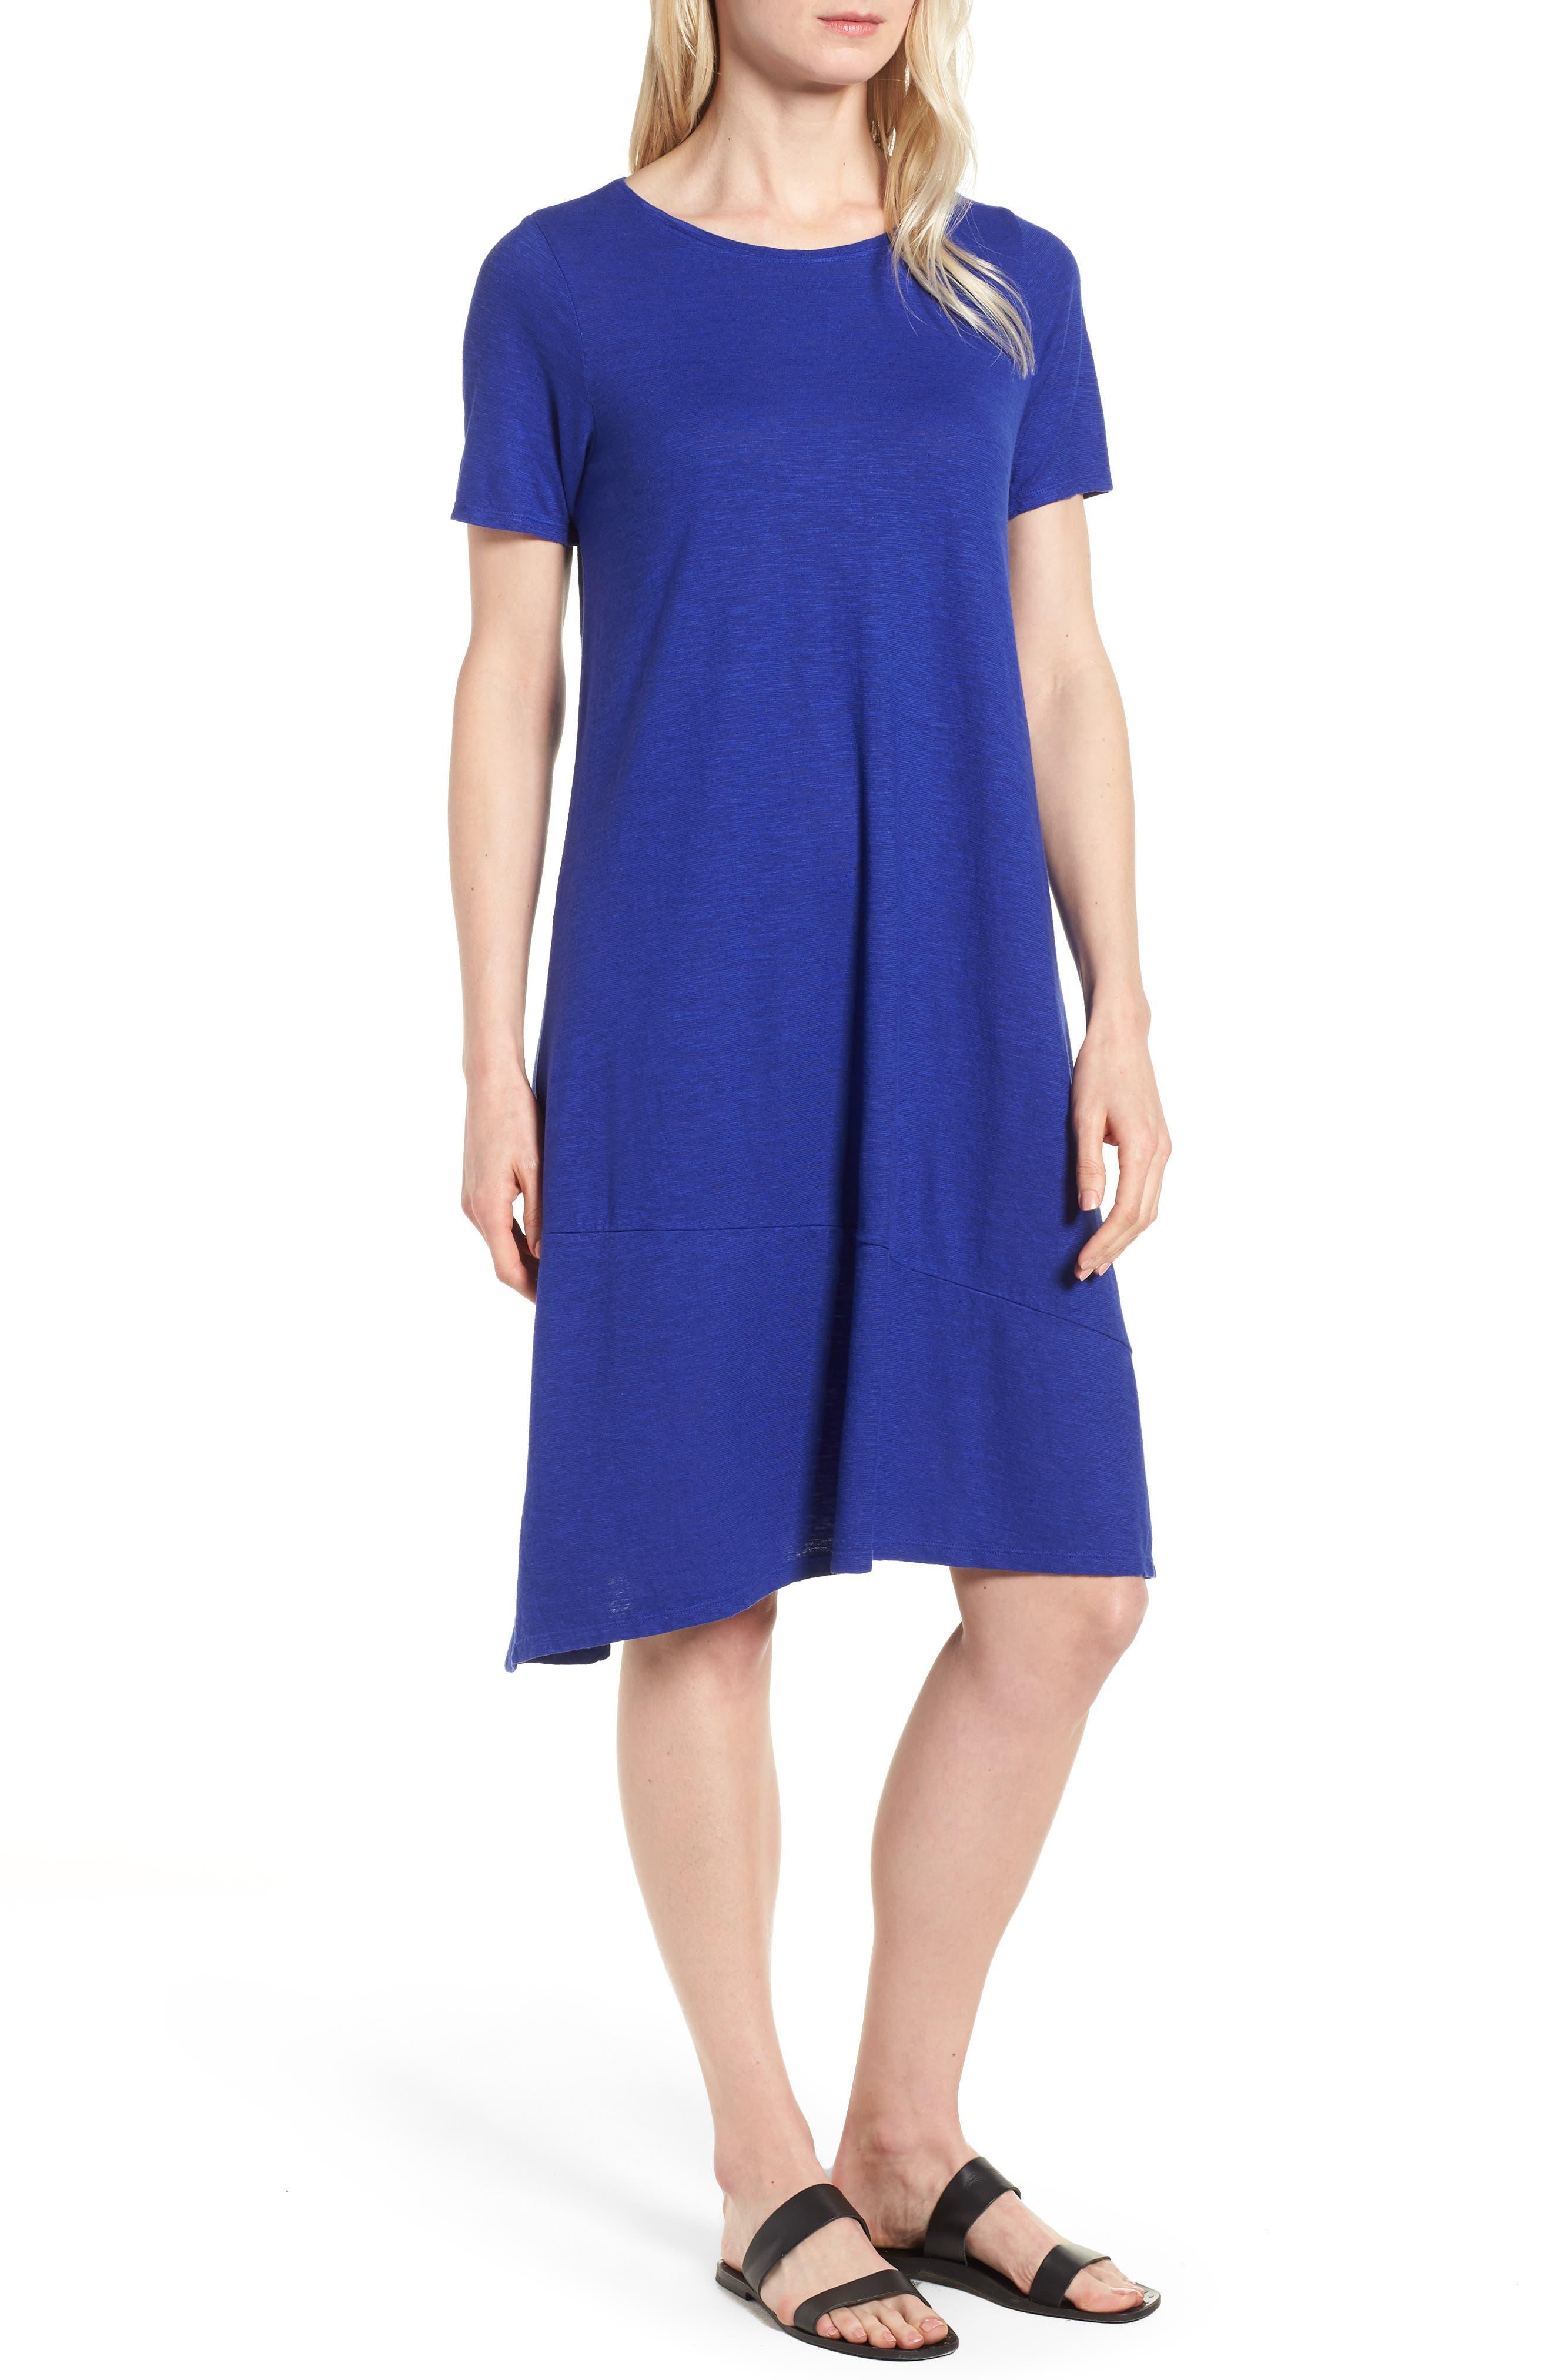 Eileen Fisher Asymmetrical Hemp Blend Shift Dress